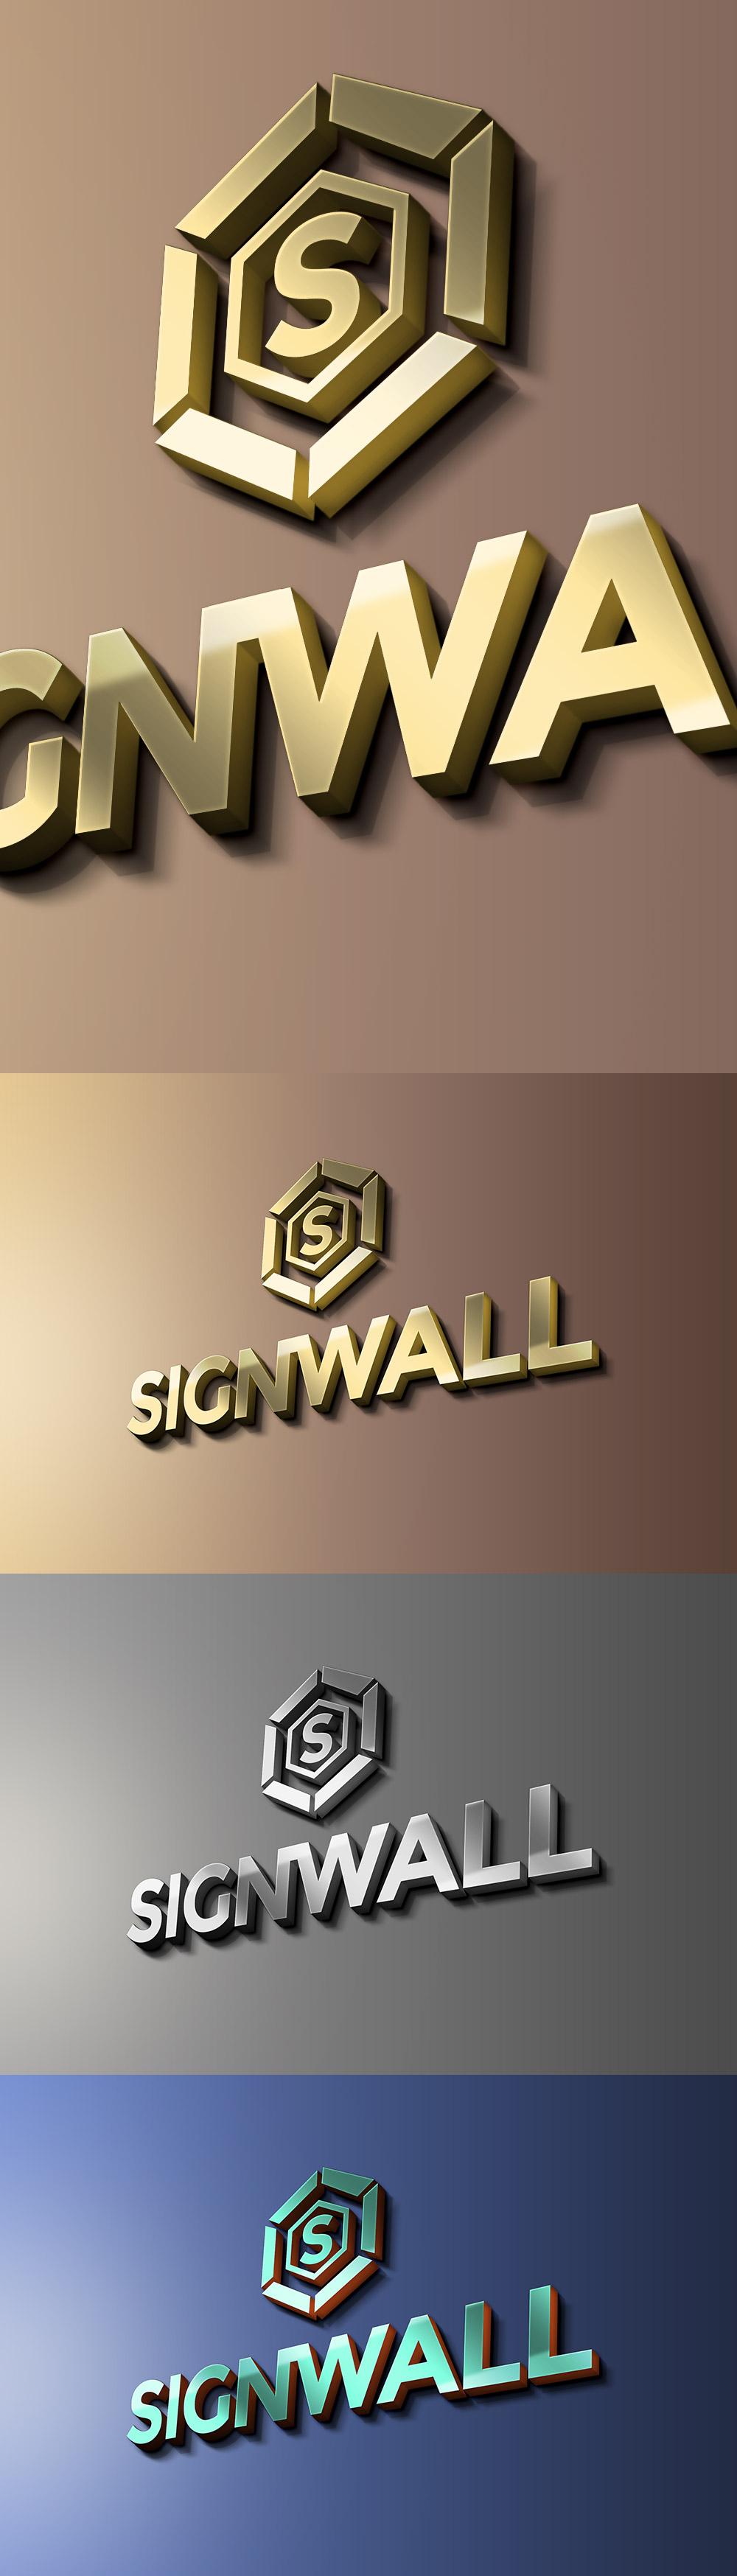 Sign Wall Logo Mockup